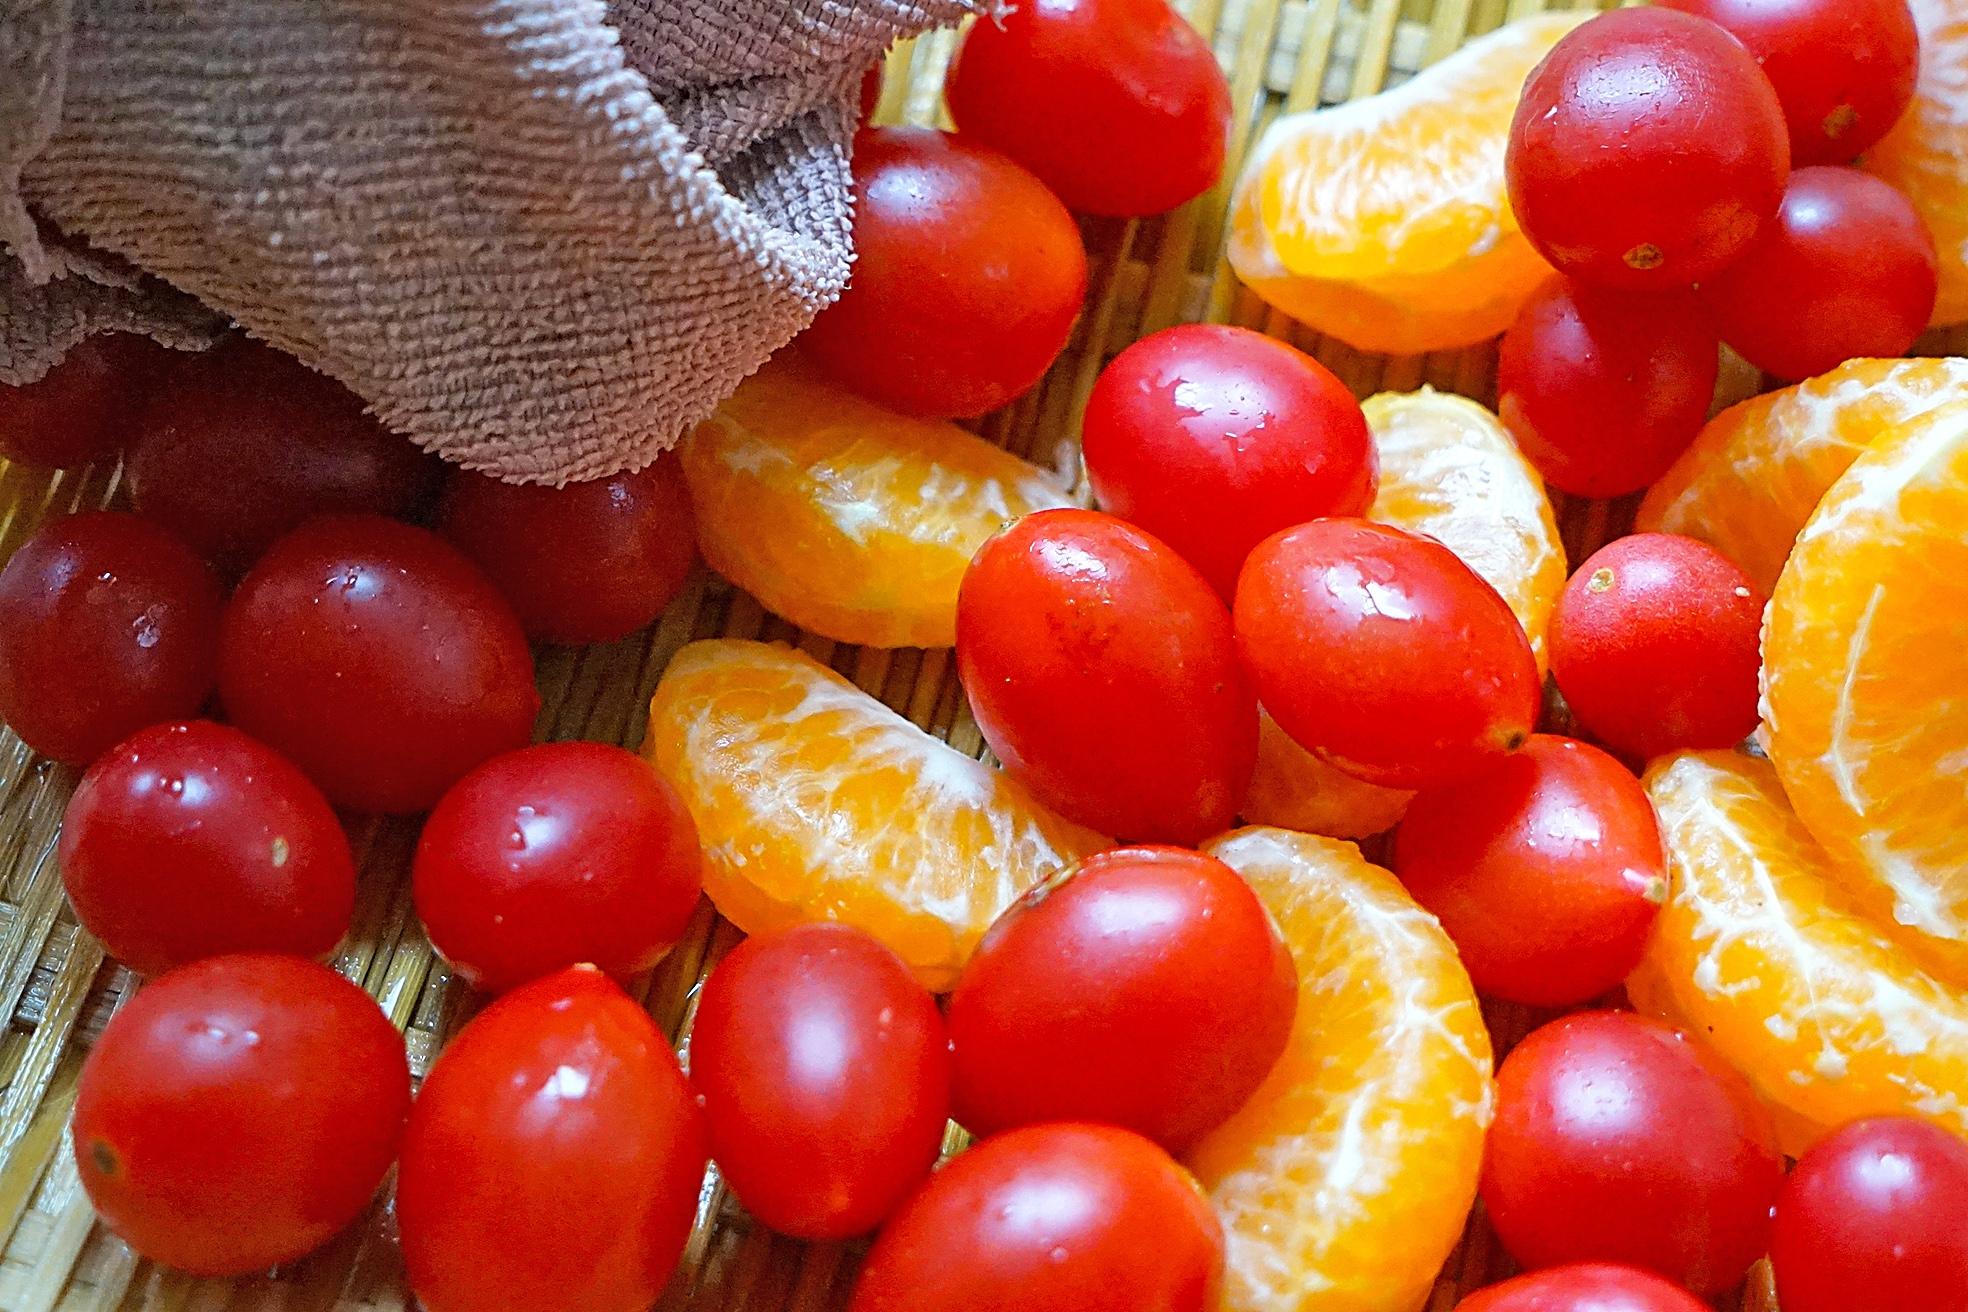 原来水果还能这么吃,比生吃好吃10倍,营养又高,1分钟就学会 美食做法 第4张